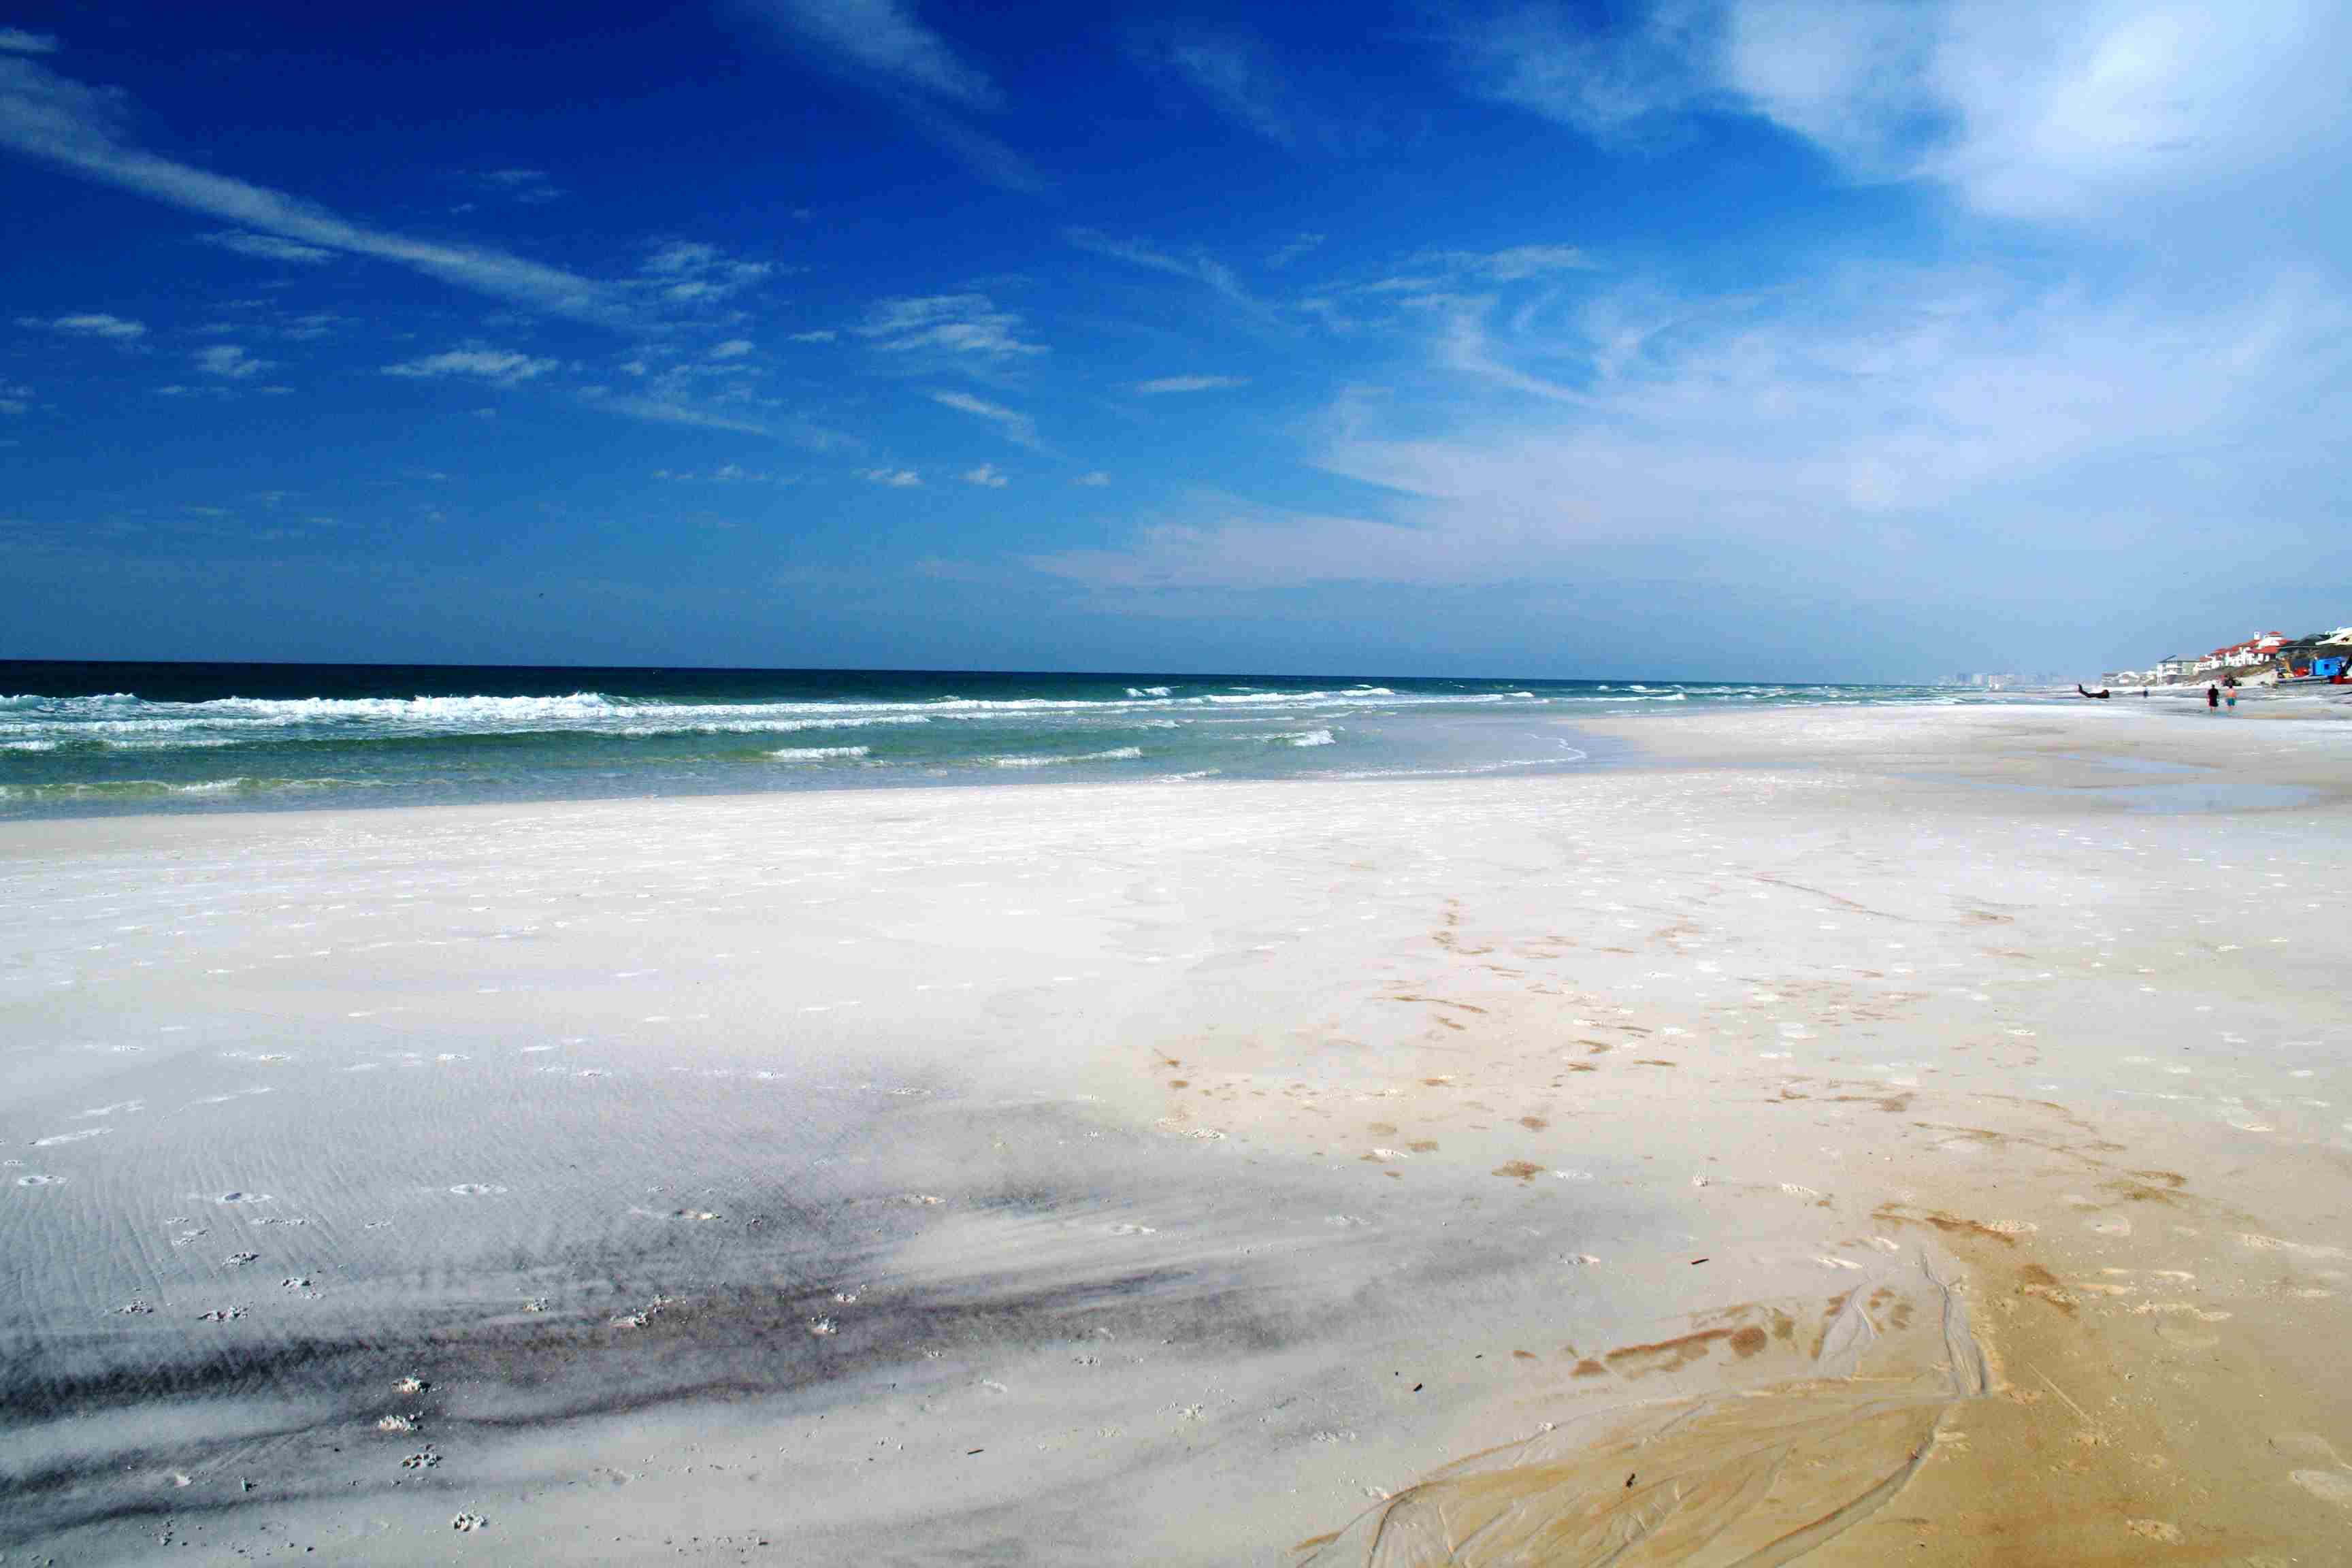 Sea shore of South Walton, Florida, USA.